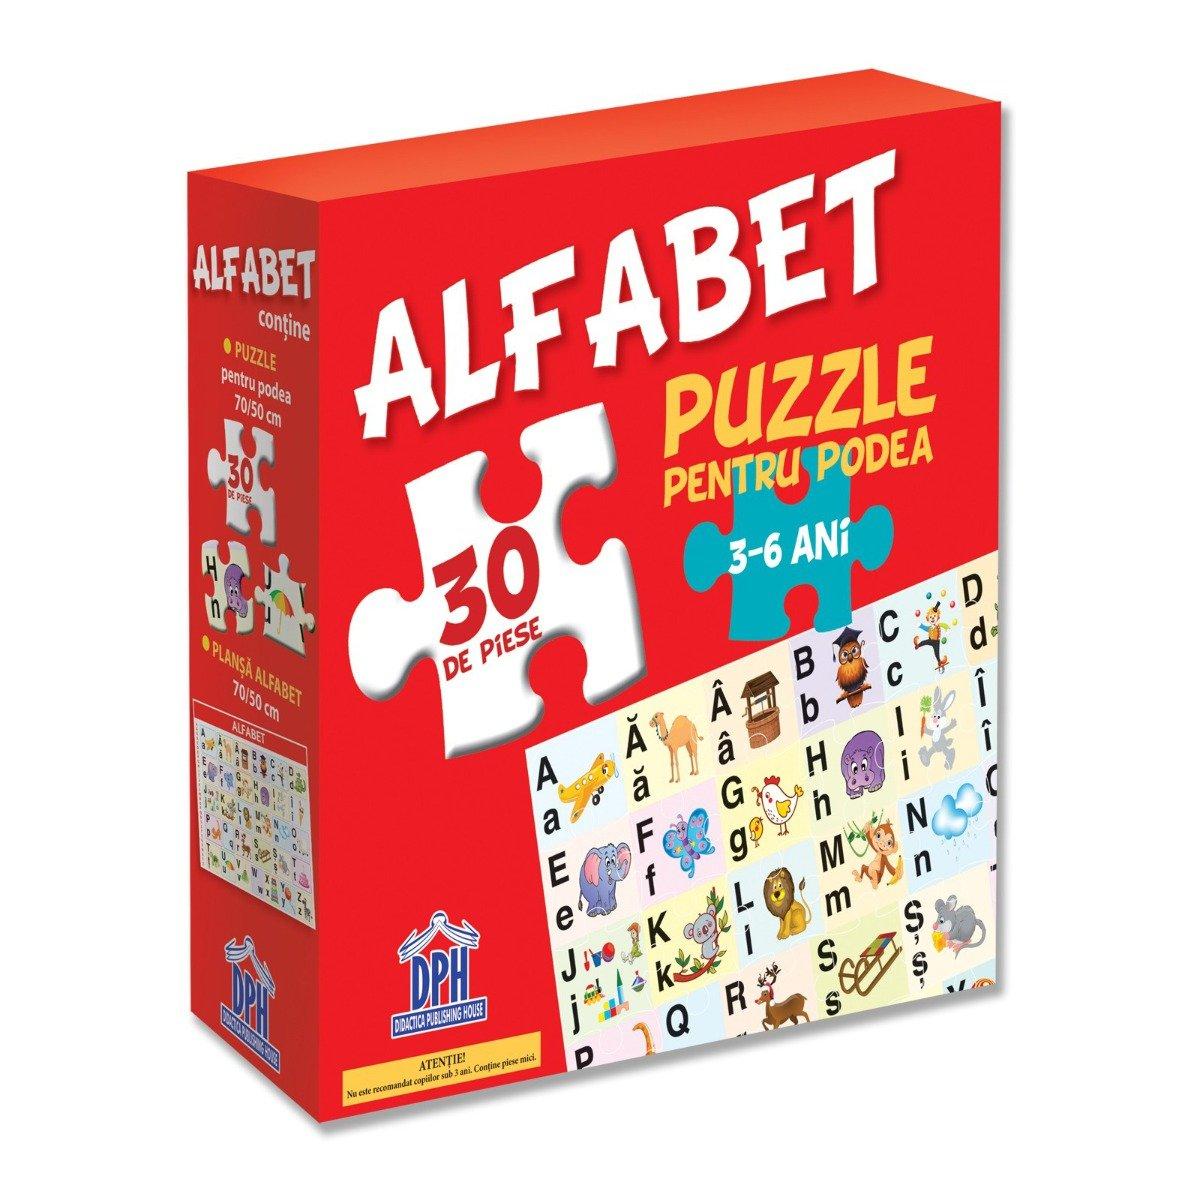 Puzzle pentru podea Editura DPH, Alfabet, 30 piese